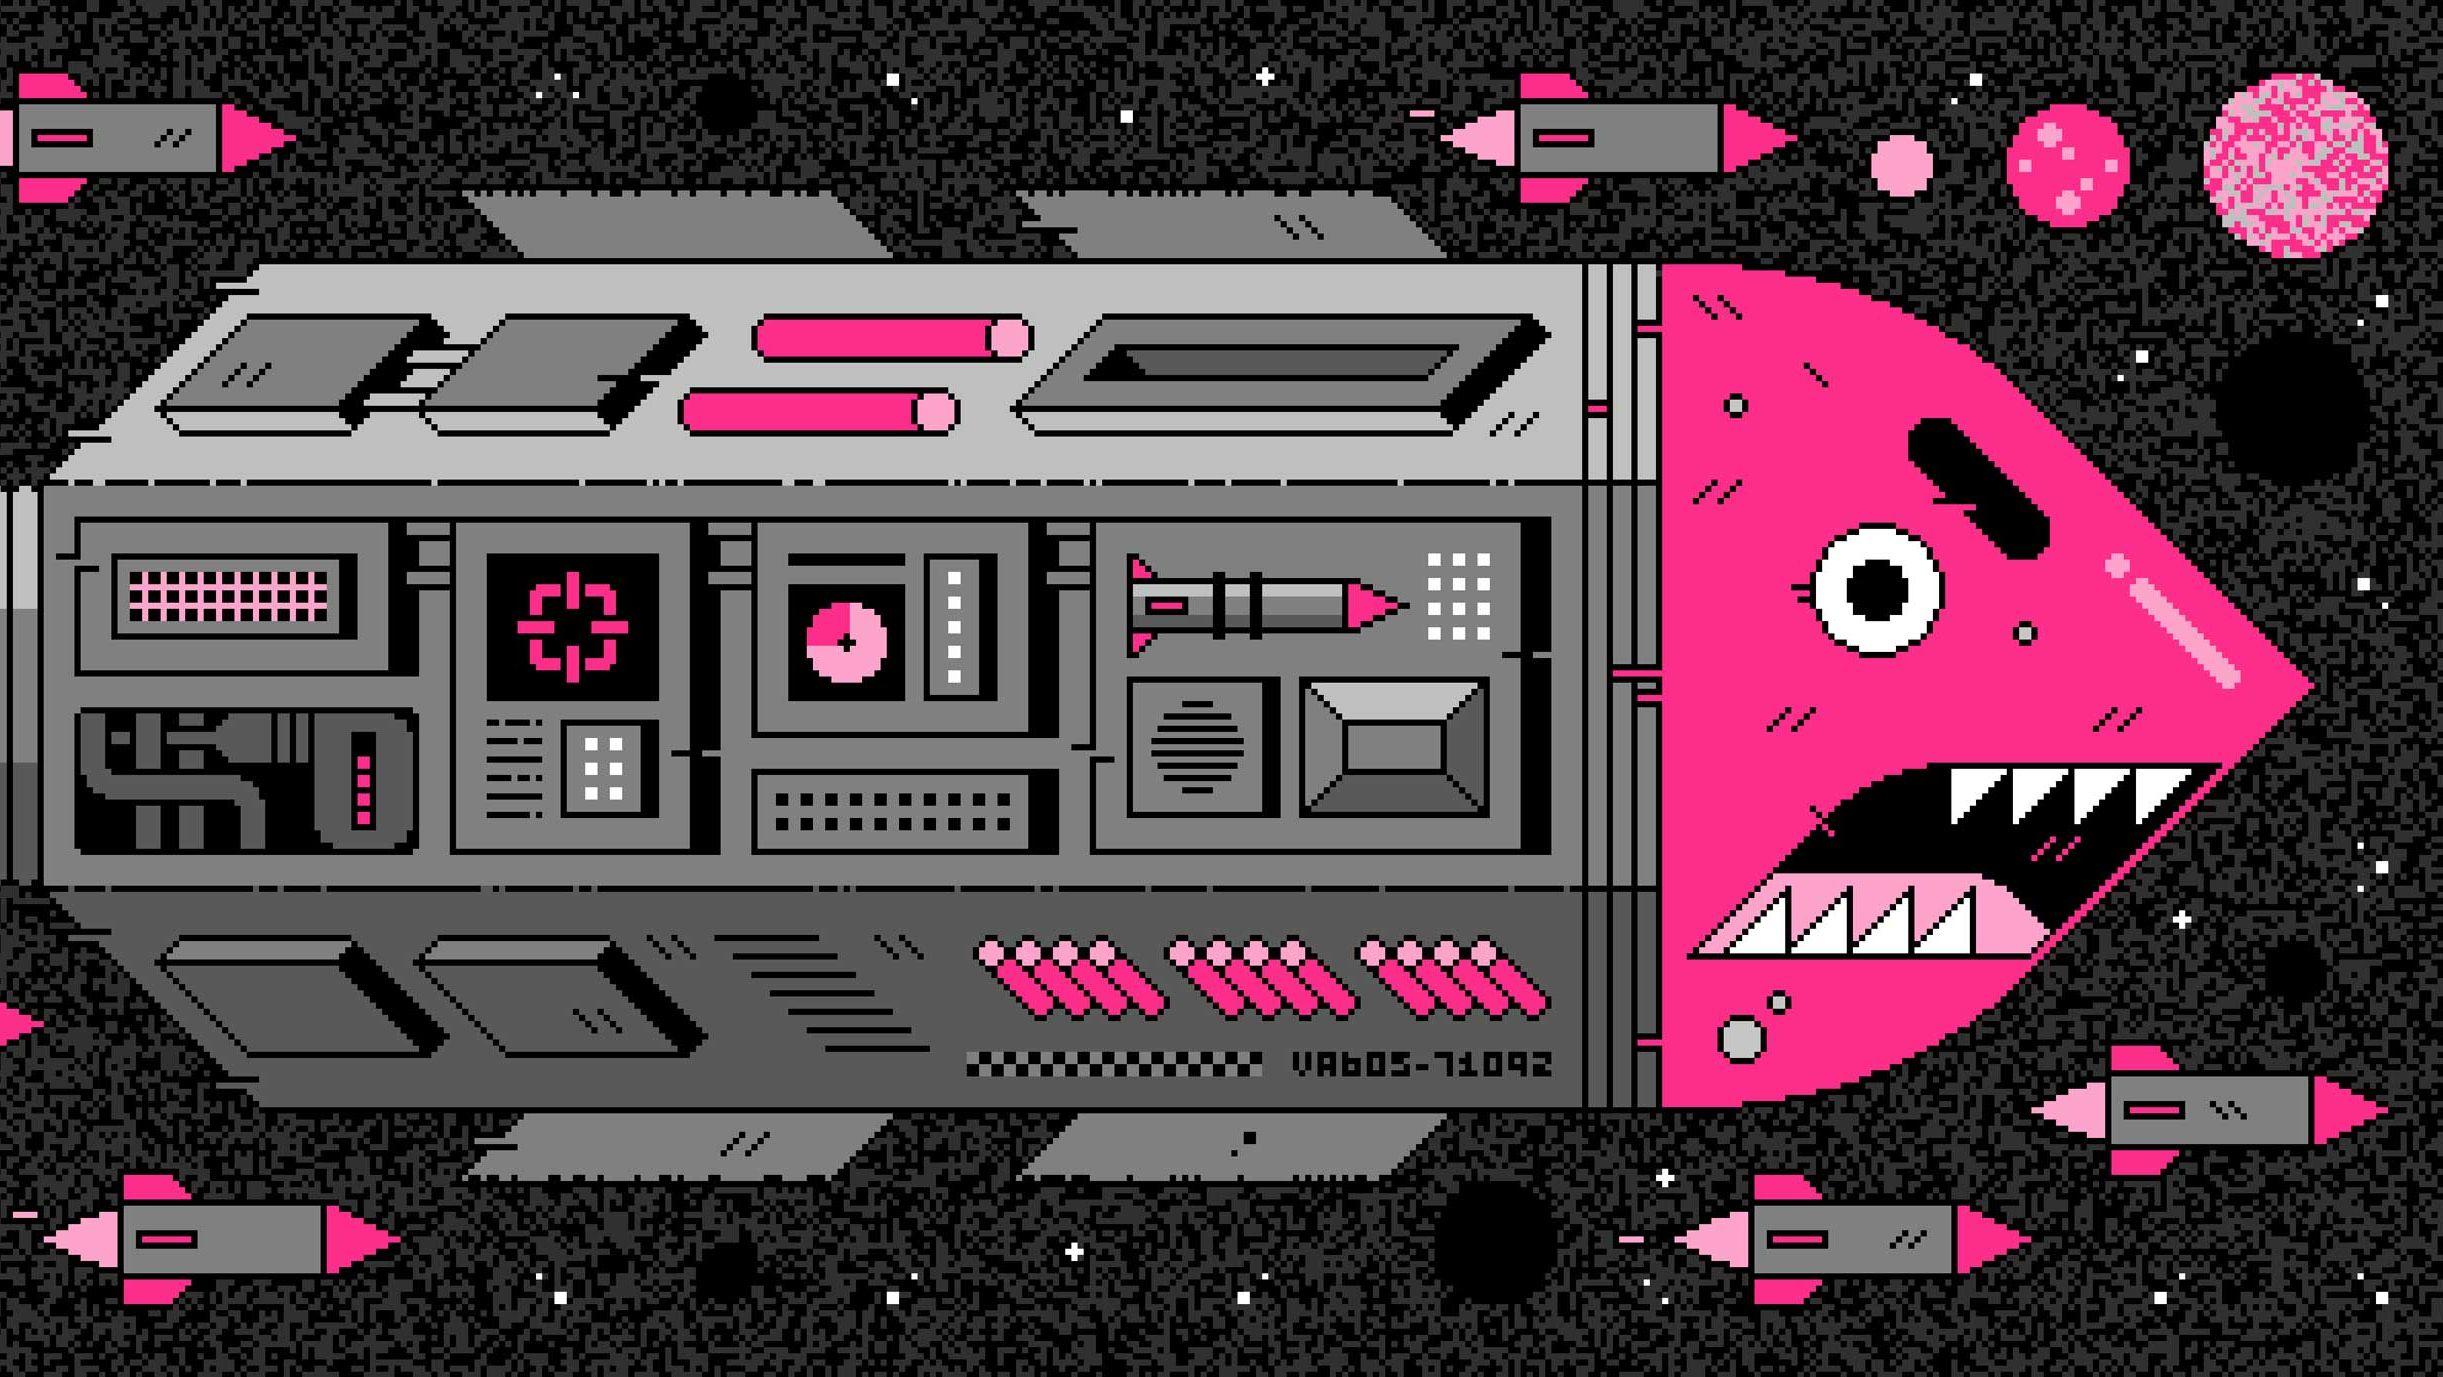 「宇宙戦争」の始め方—— 人工衛星軌道上の危ない現実